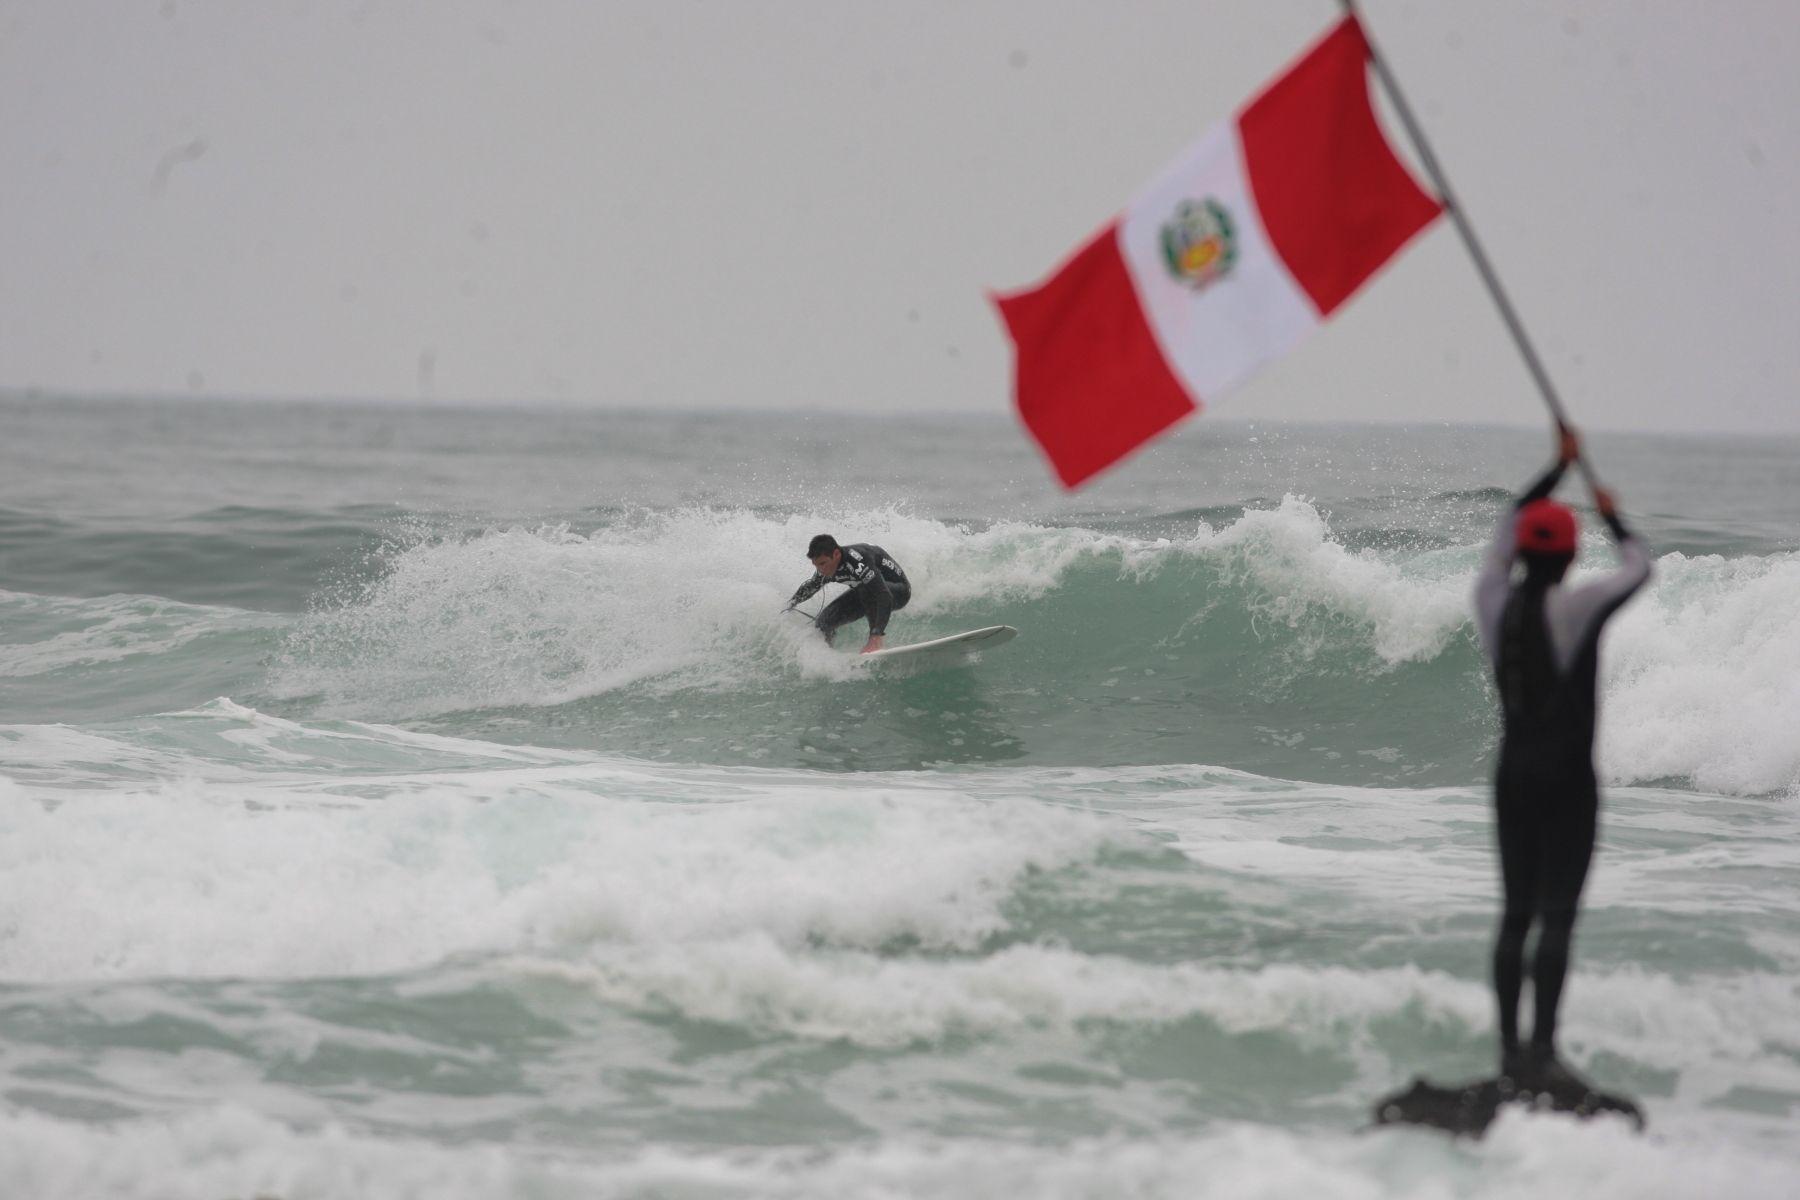 El surf y el SUP se acercan a un histórico debut en los Juegos Panamericanos